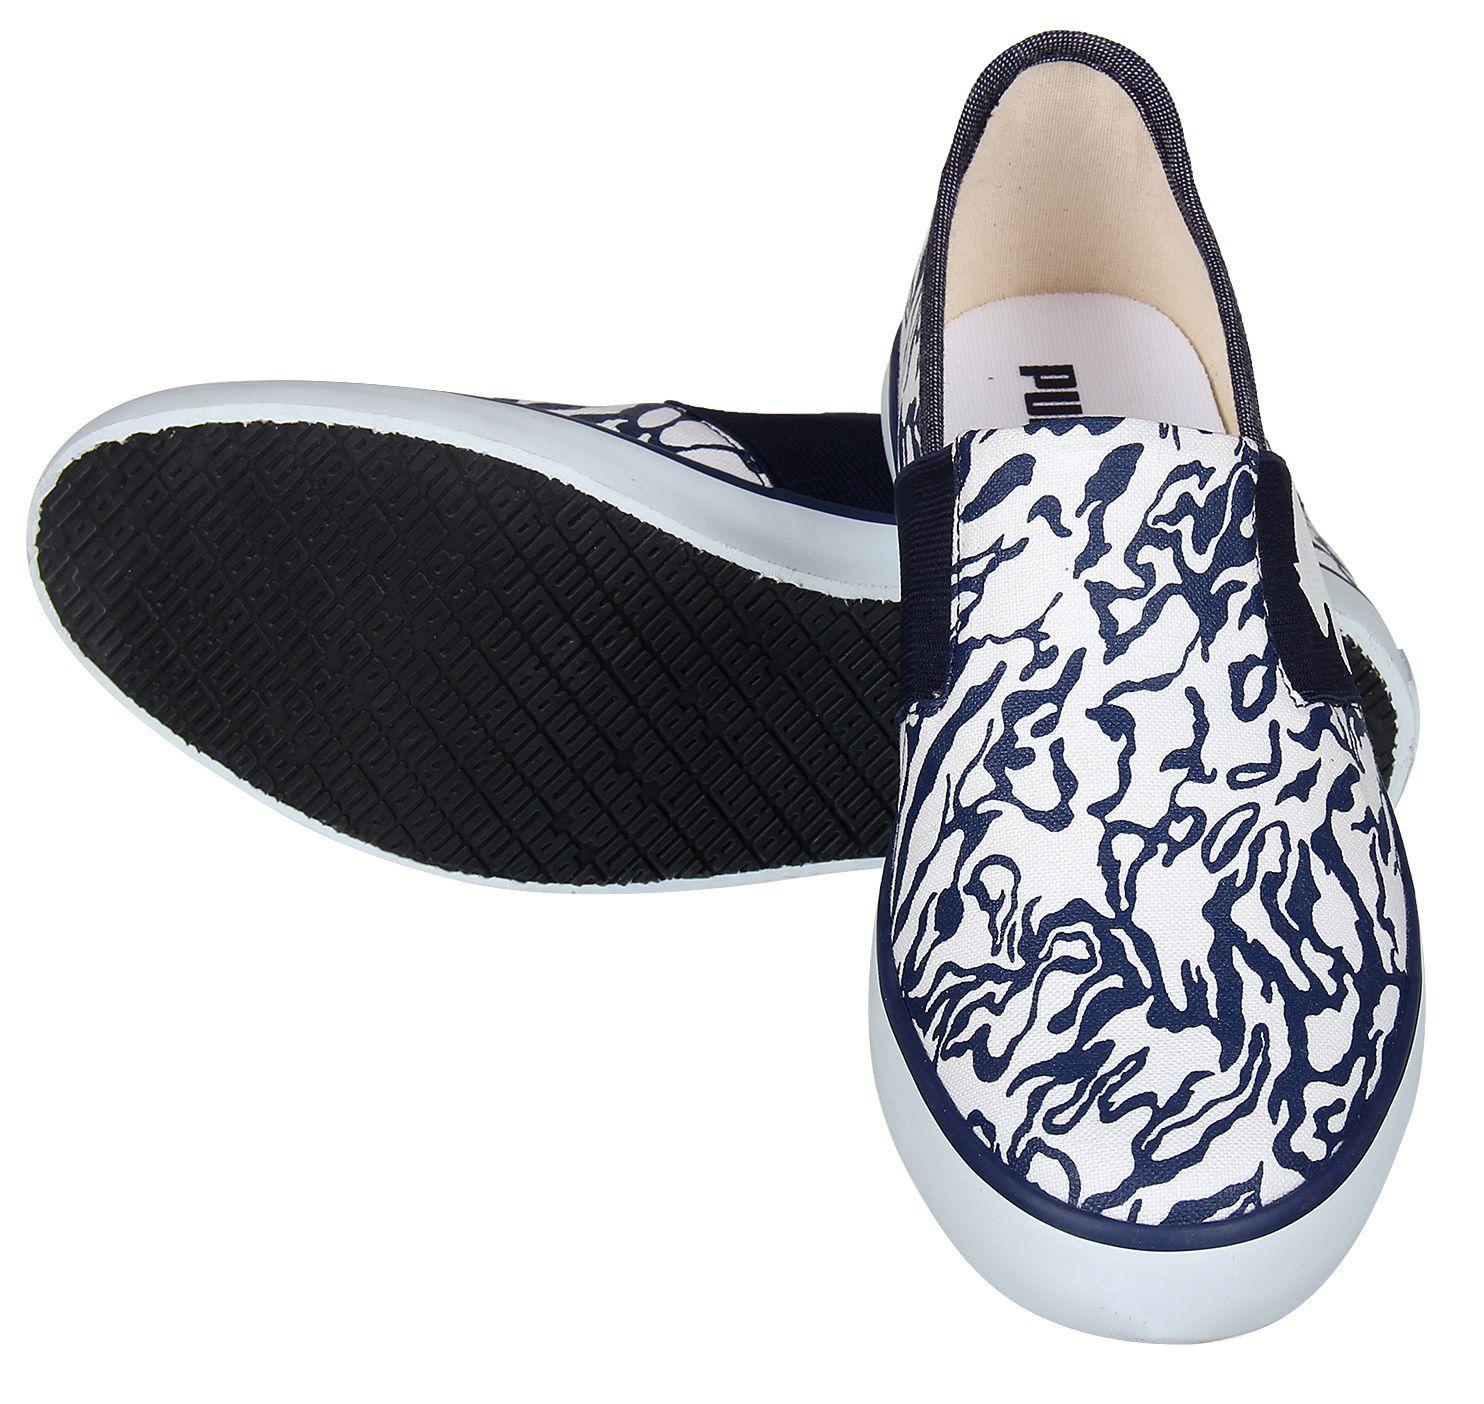 a51cef31dc96f Puma Men LAZY SLIP ON GU IDP White Casual Shoes - Buy Puma Men LAZY ...